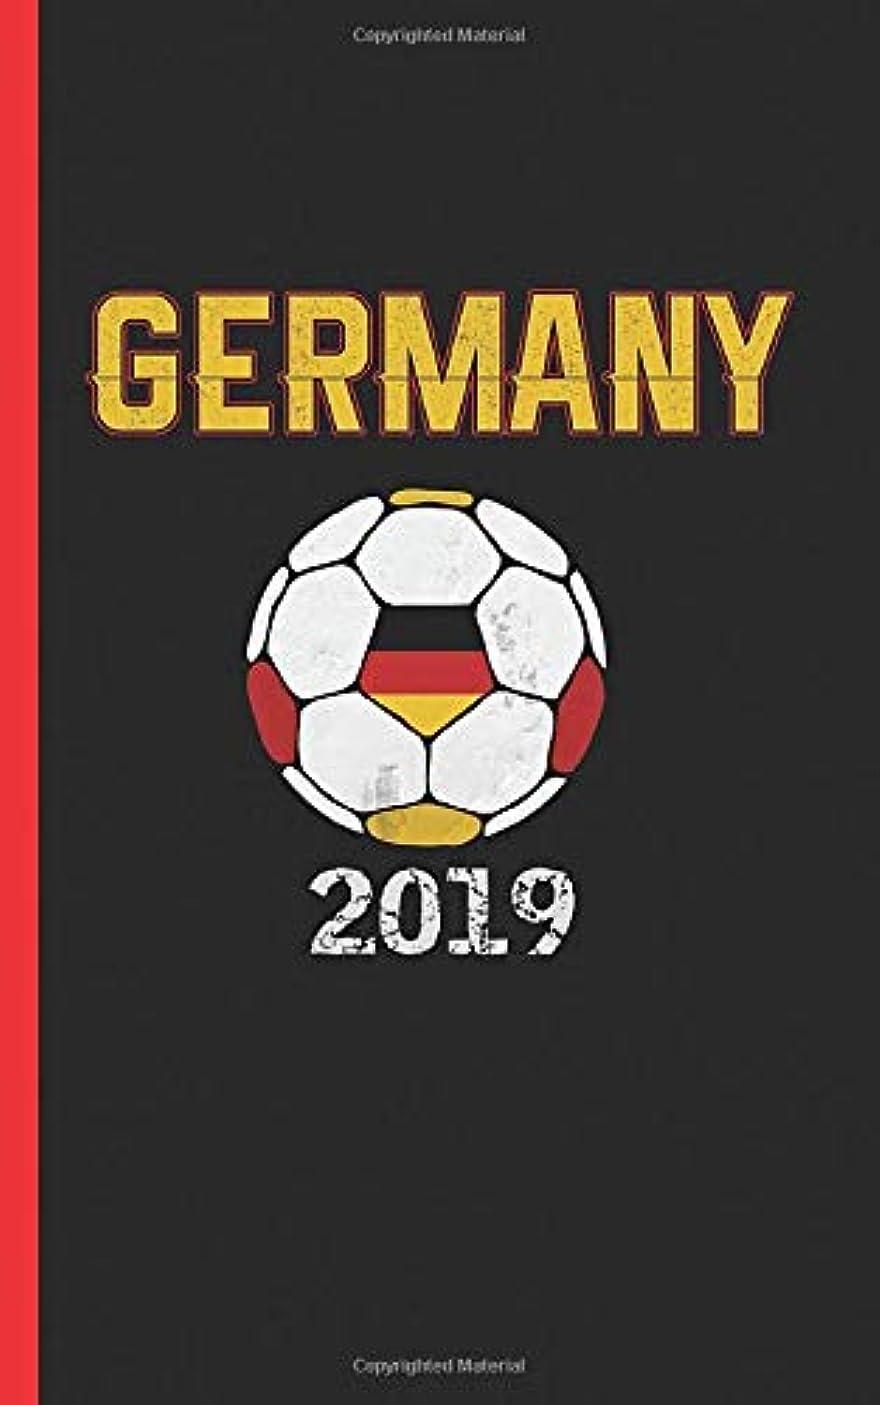 フィットネス生態学生Germany Flag Soccer Ball Journal - Notebook: Patriotic German DIY Writing Note Book - 100 Lined Pages + 8 Blank Sheets, Small Travel Size 5x8